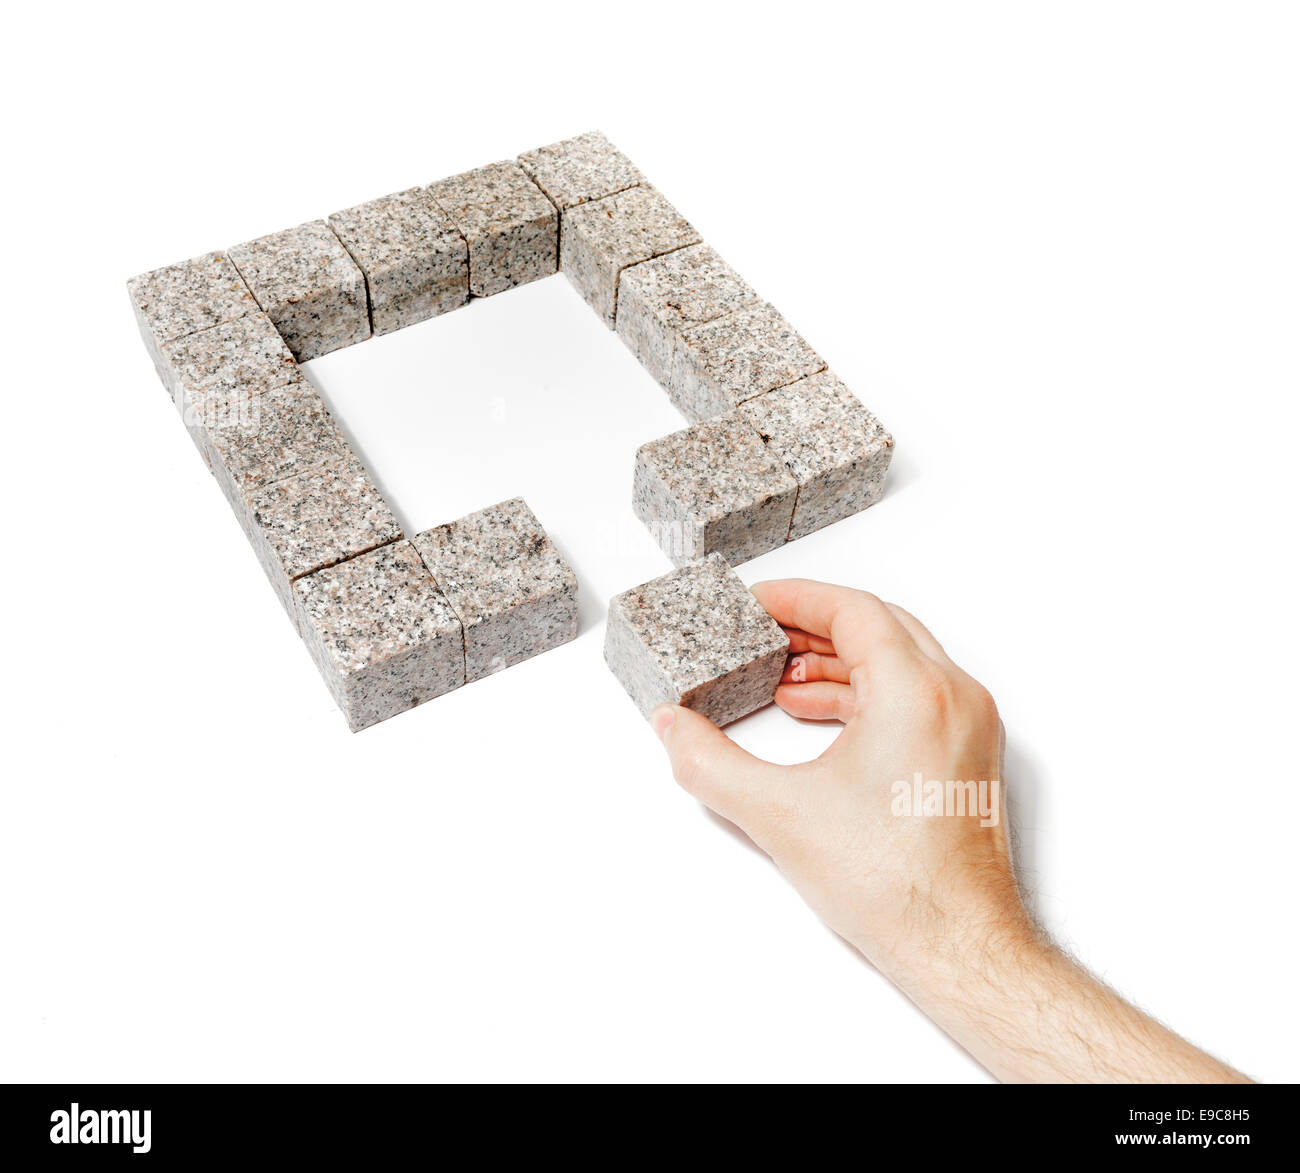 Finitura uomo una piazza fatta di piccoli blocchi di roccia di granito. Immagini Stock